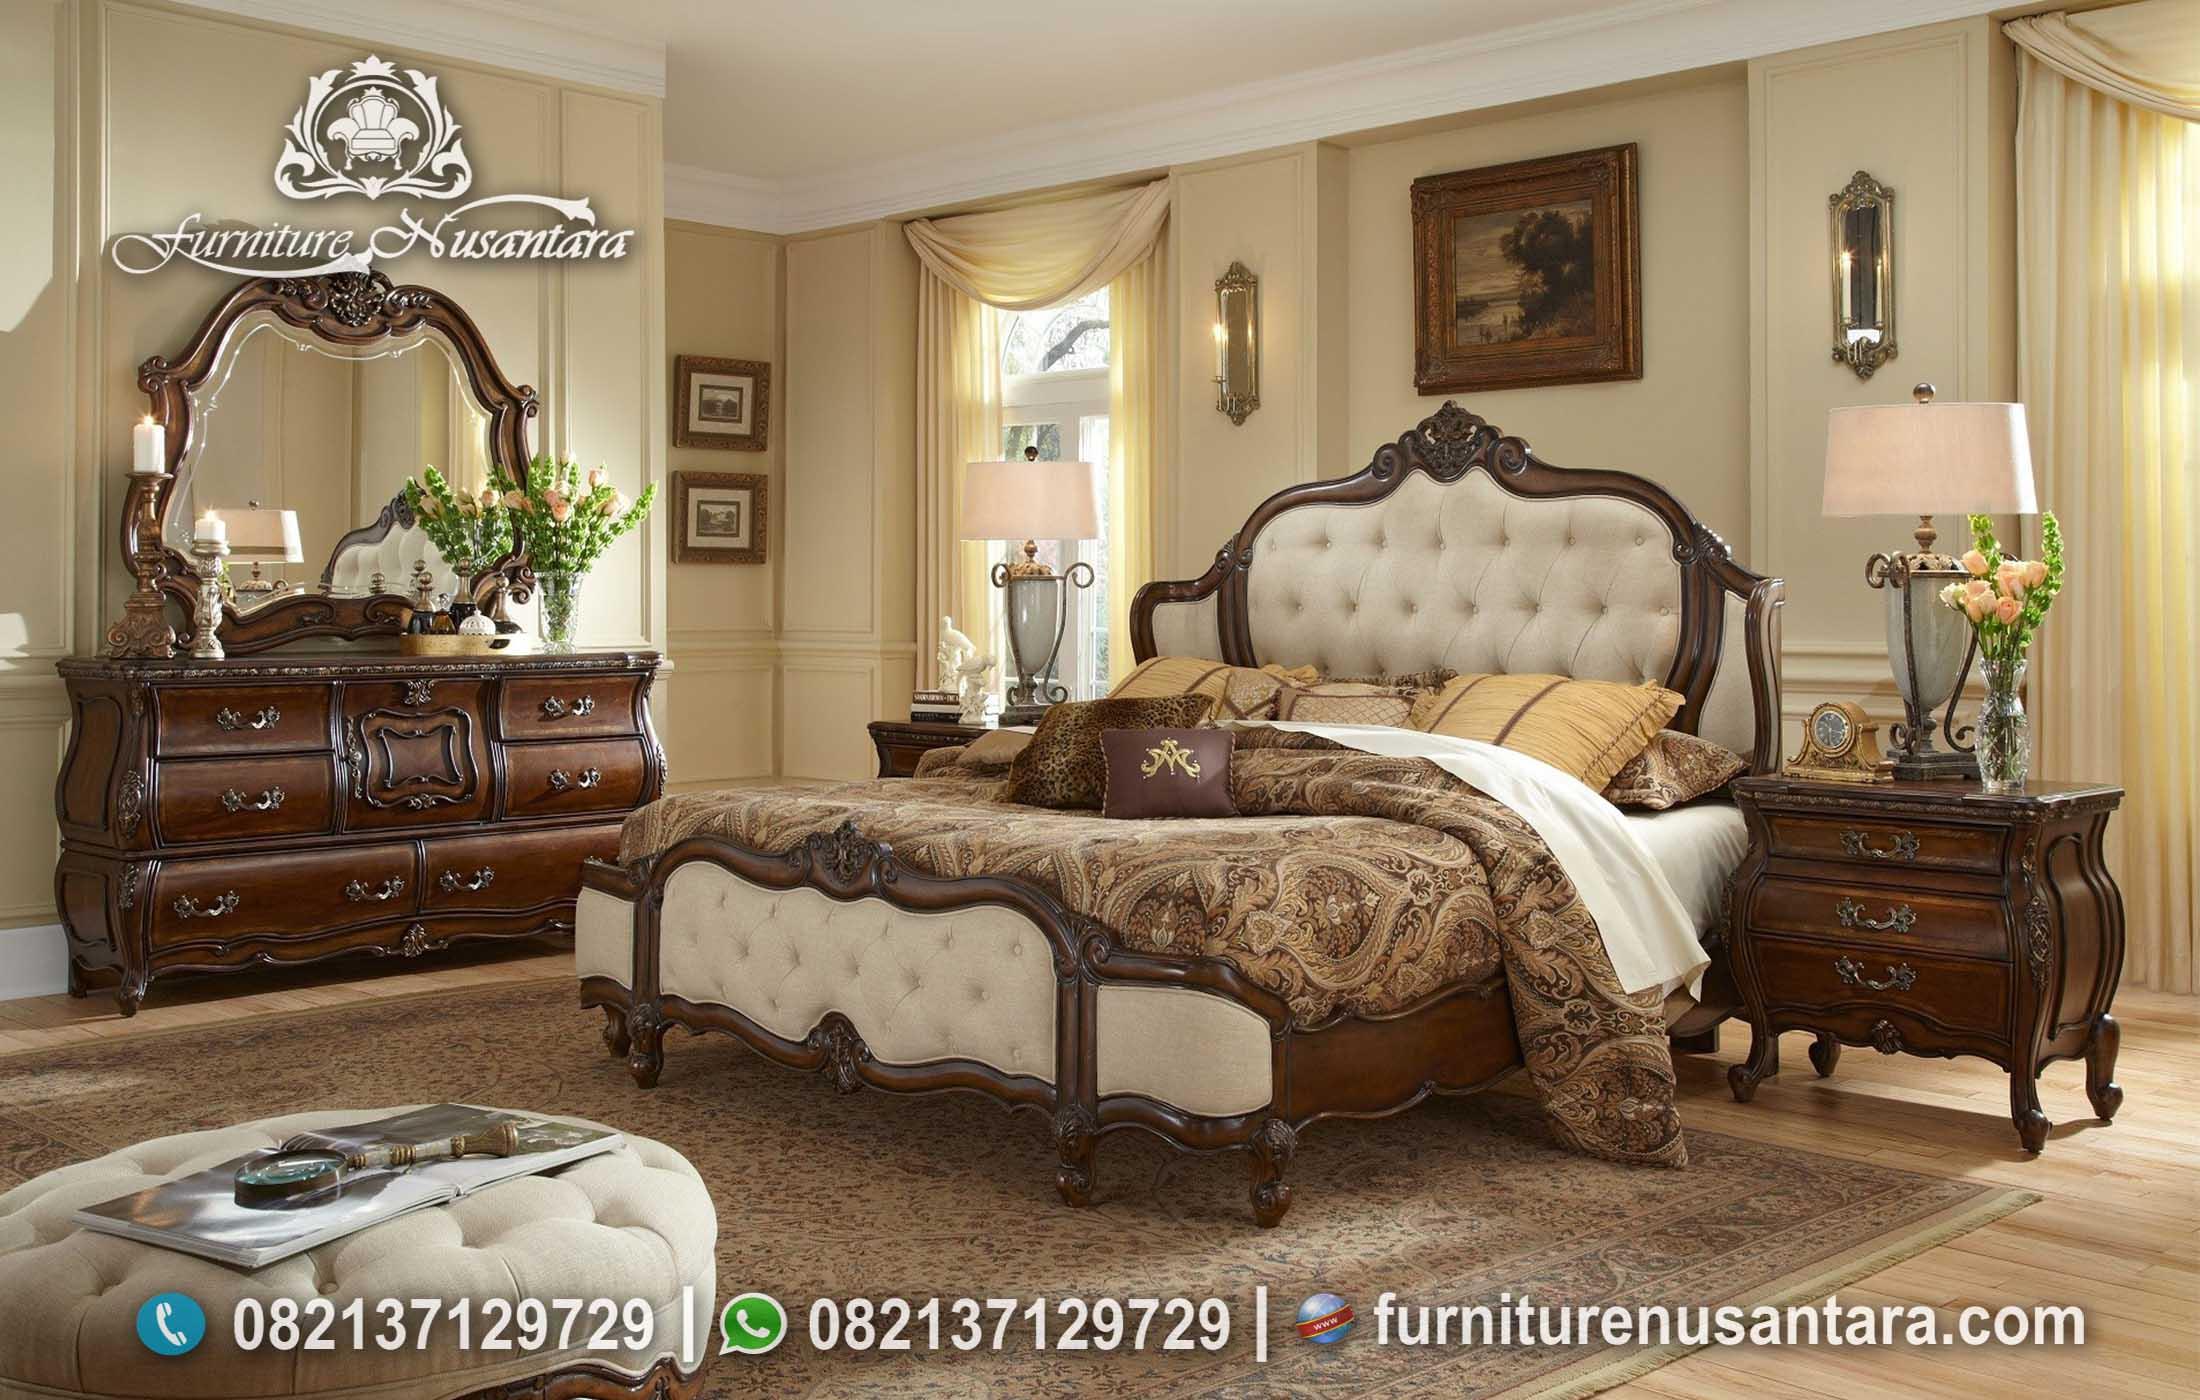 Tempat Tidur Klasik Kayu Jati KS-43, Furniture Nusantara